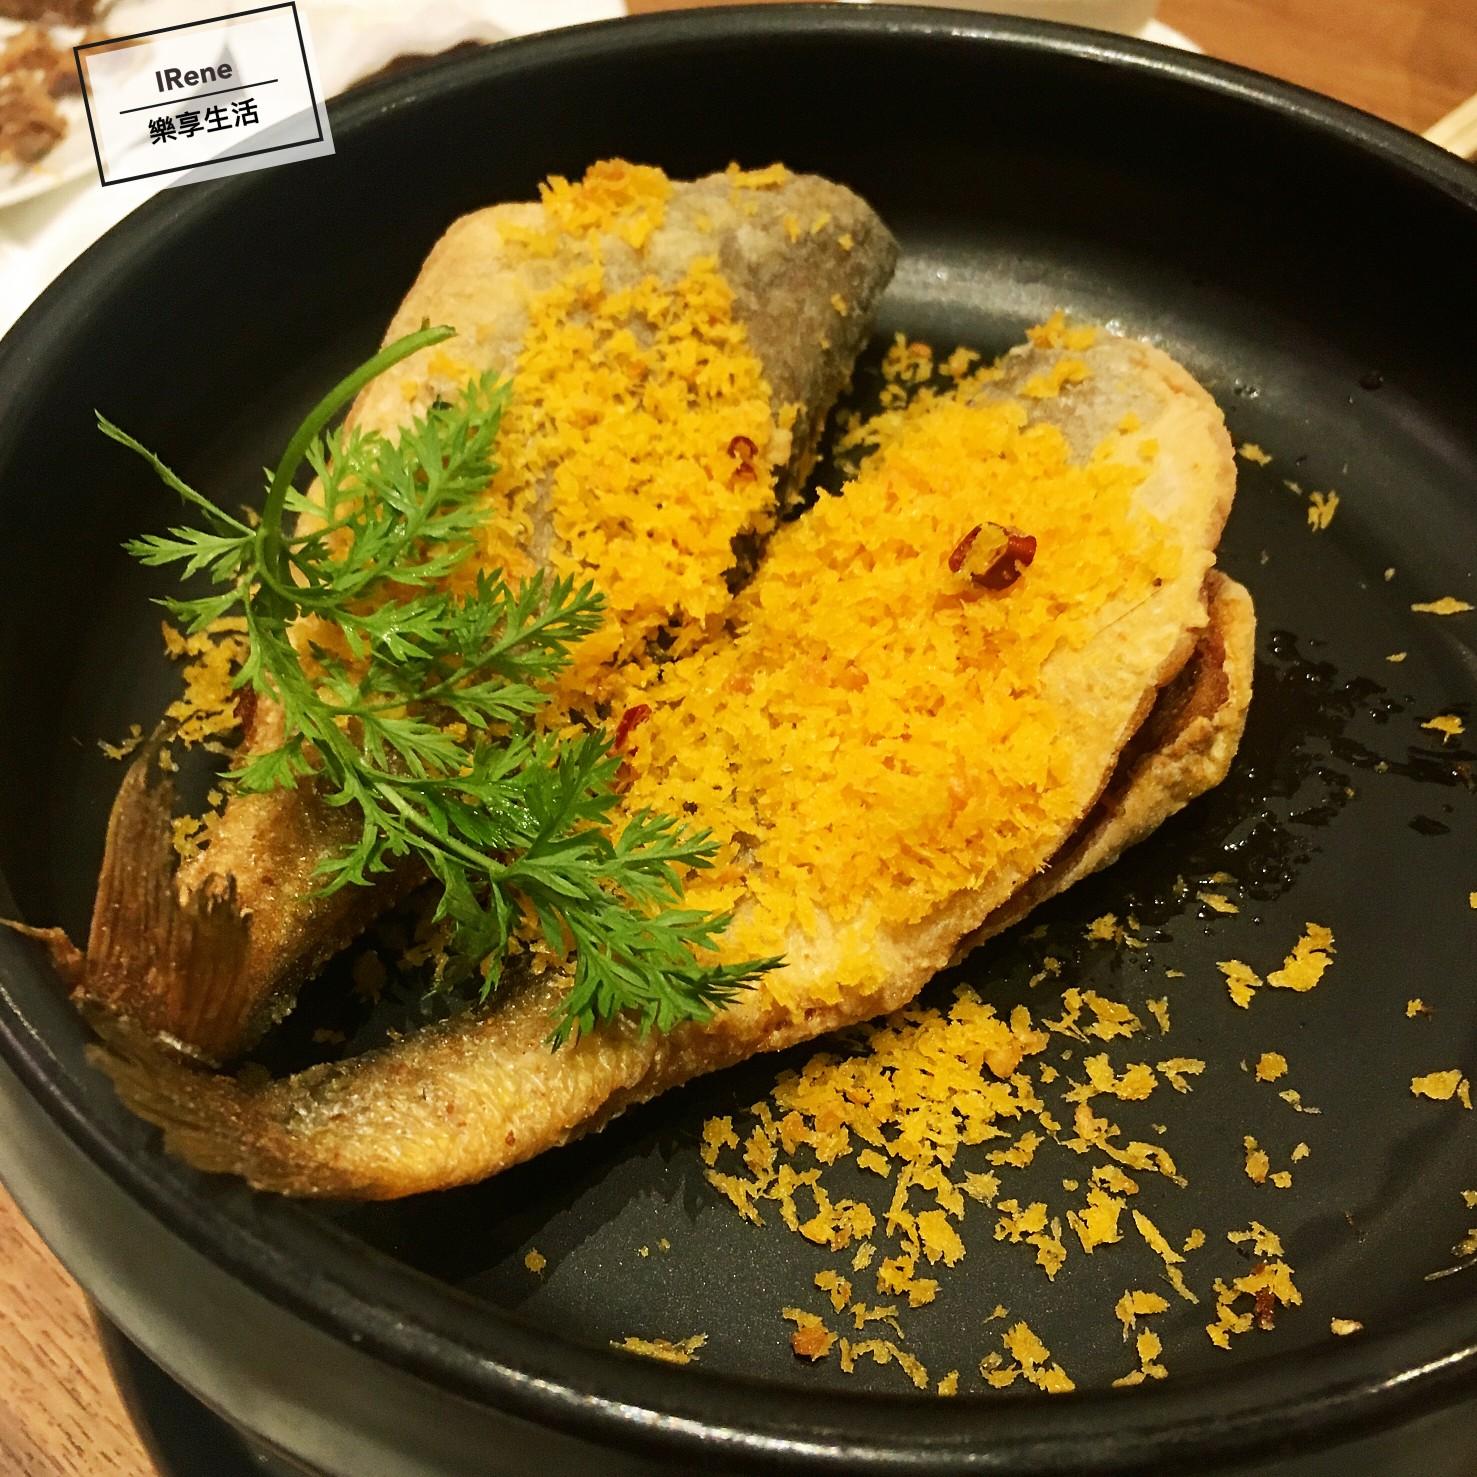 上海小南國餐廳推薦菜-風沙小黃魚